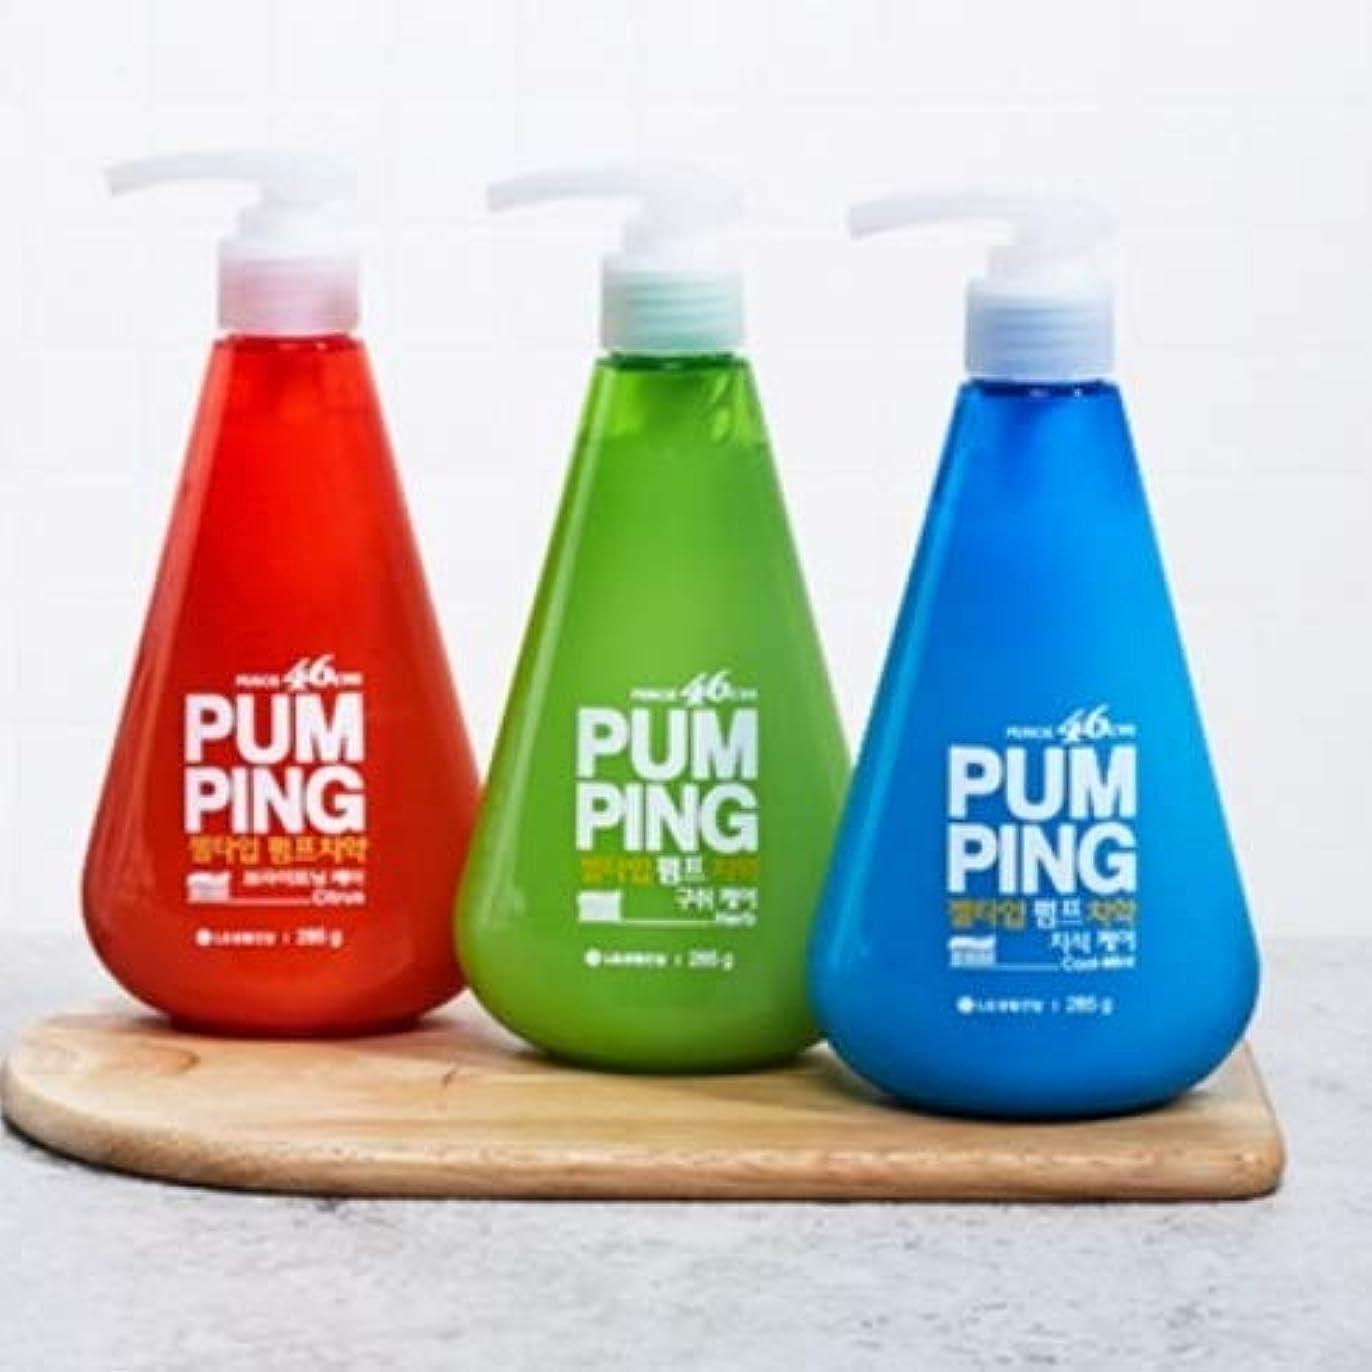 オーナーである植木[LG HnB] Perio 46cm pumped toothpaste /ペリオ46cmポンピング歯磨き粉 285gx3個(海外直送品)